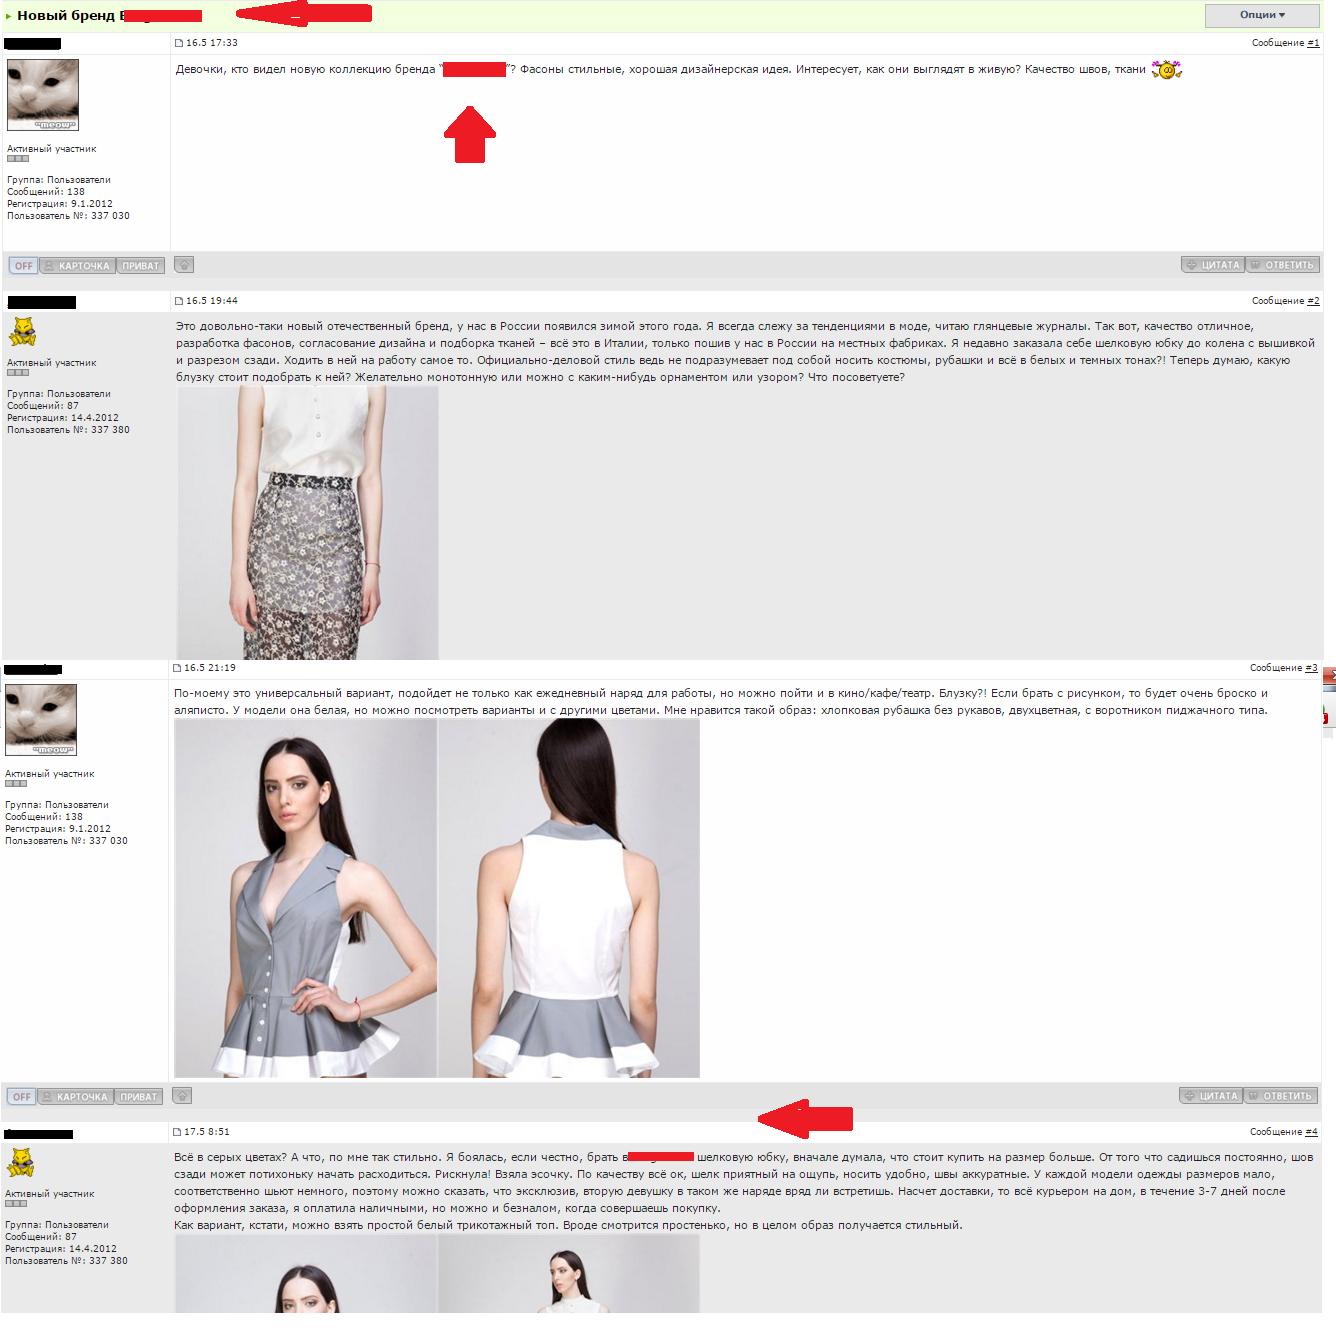 Создание имиджа в сети и проведение скрытой рекламы новому бренду женской одежды